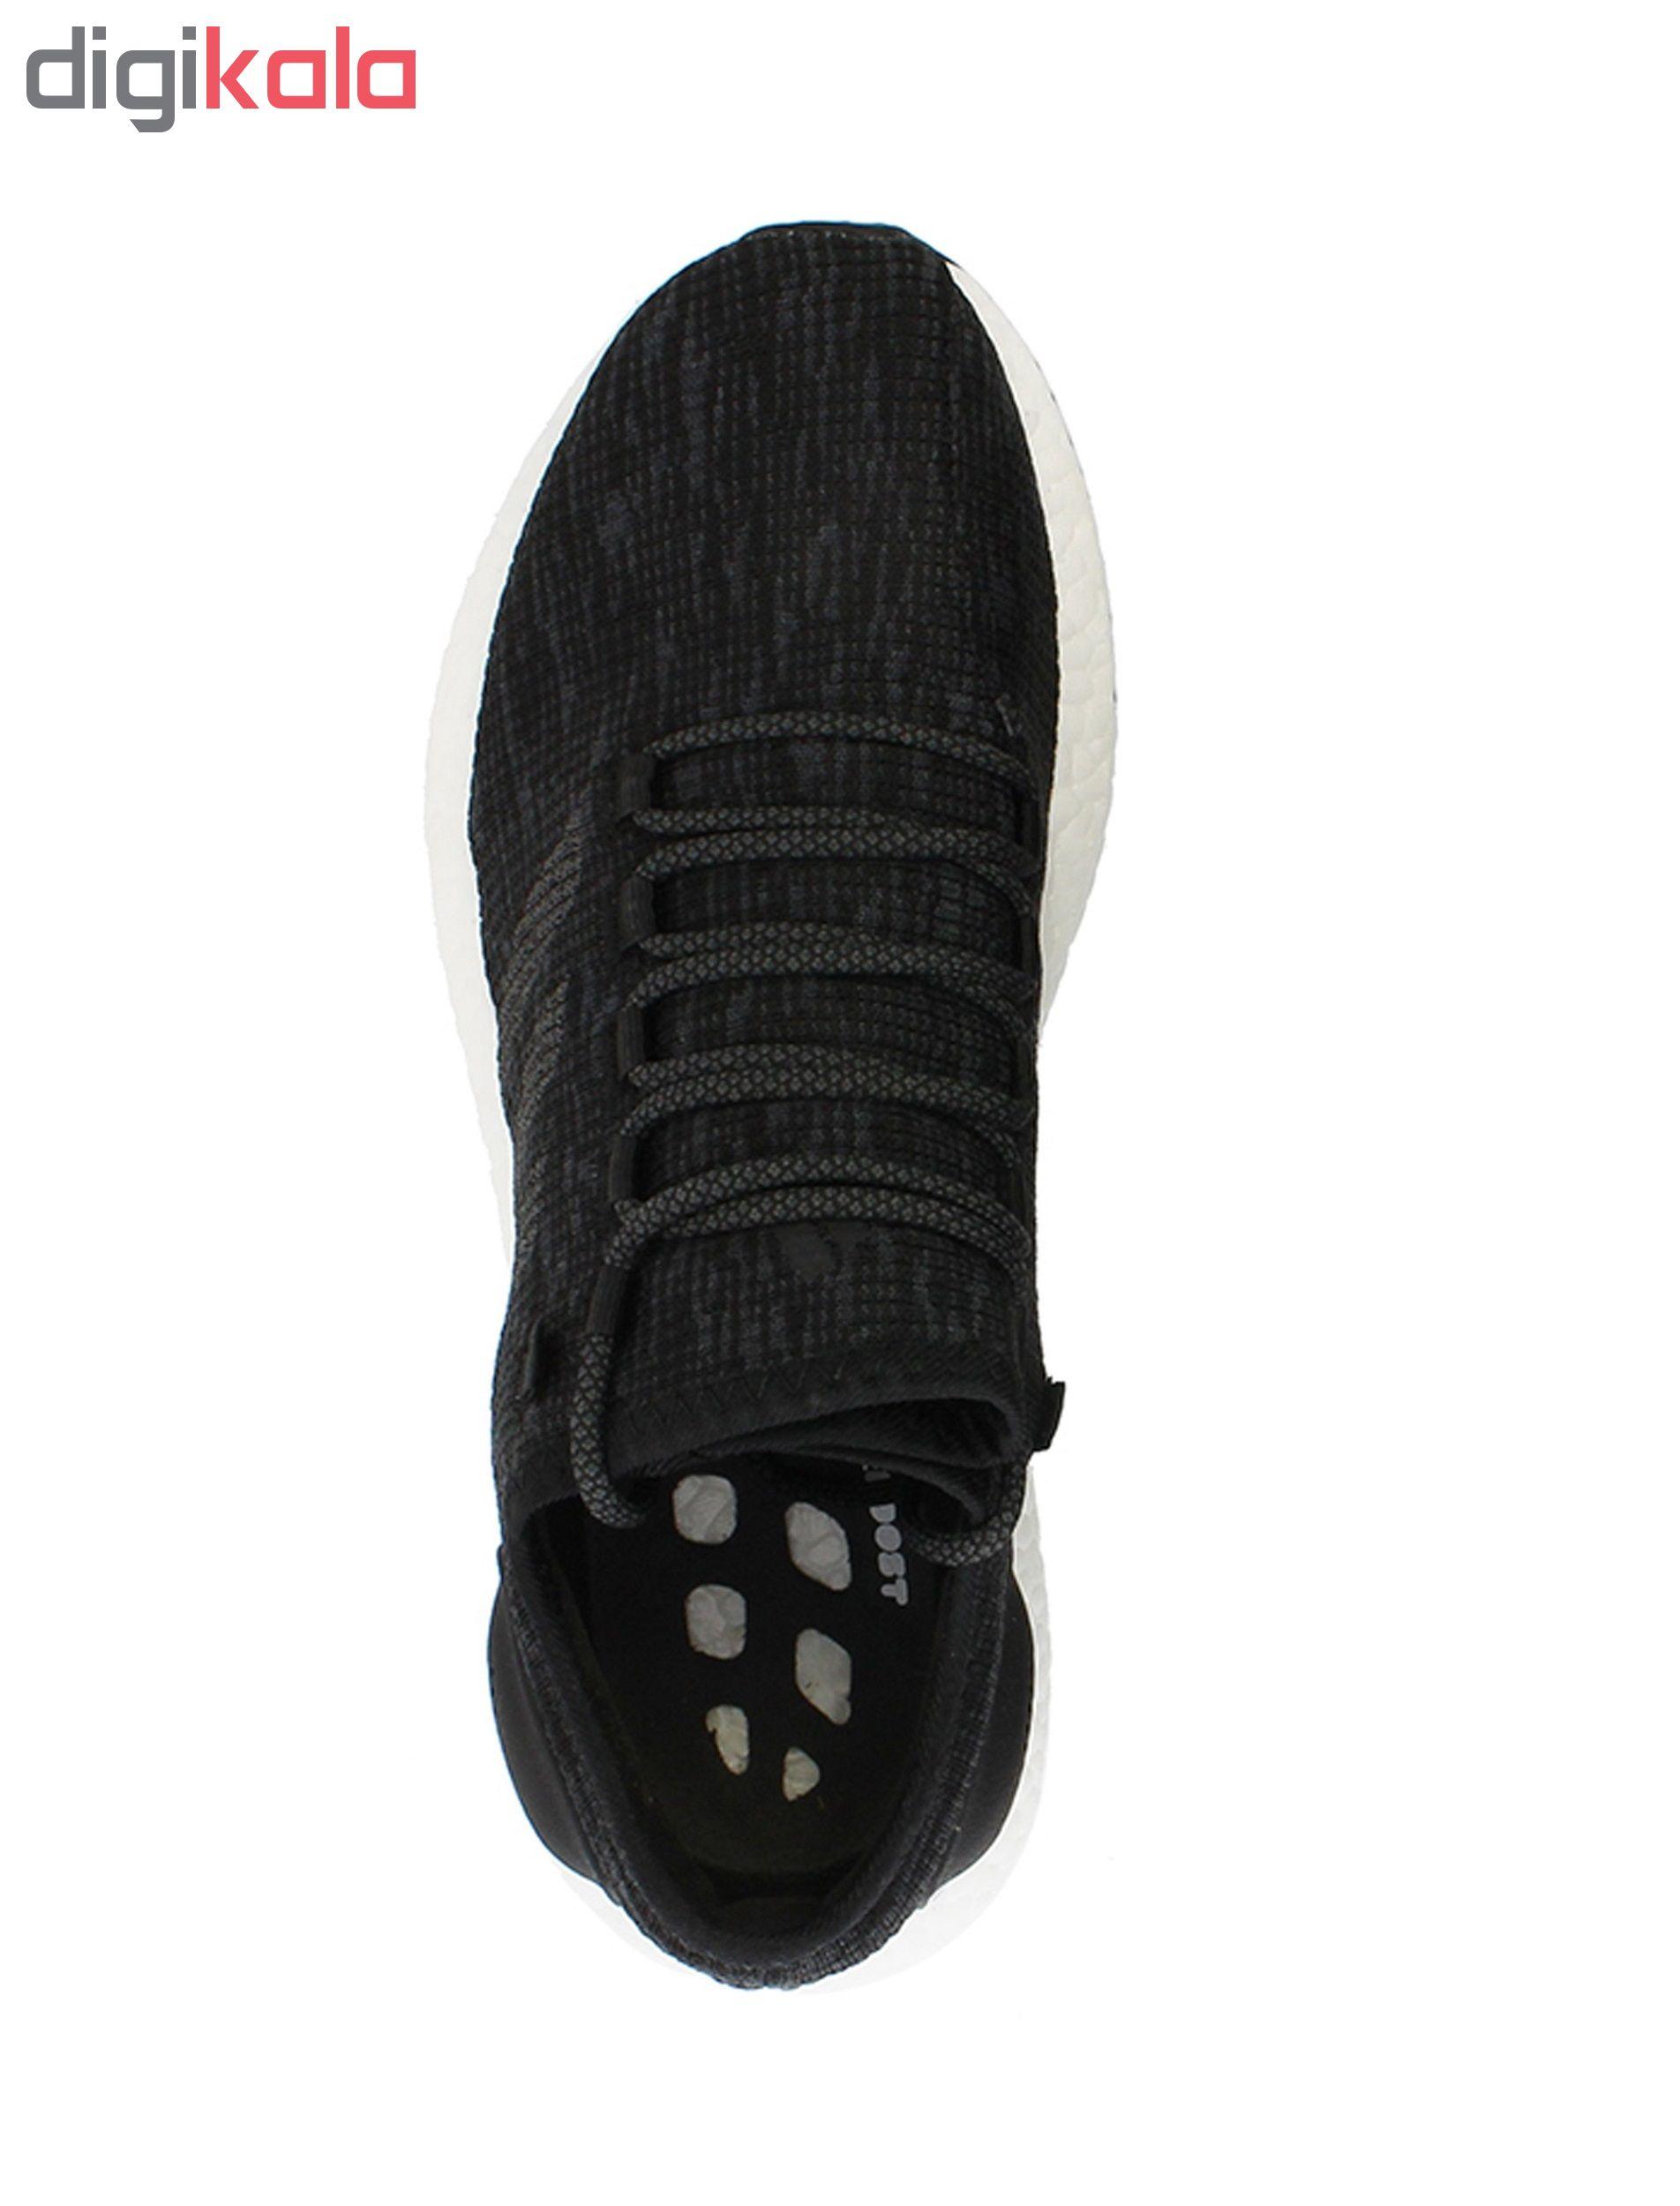 کفش مخصوص دویدن مردانه آدیداس مدل pureboost کد CP9326